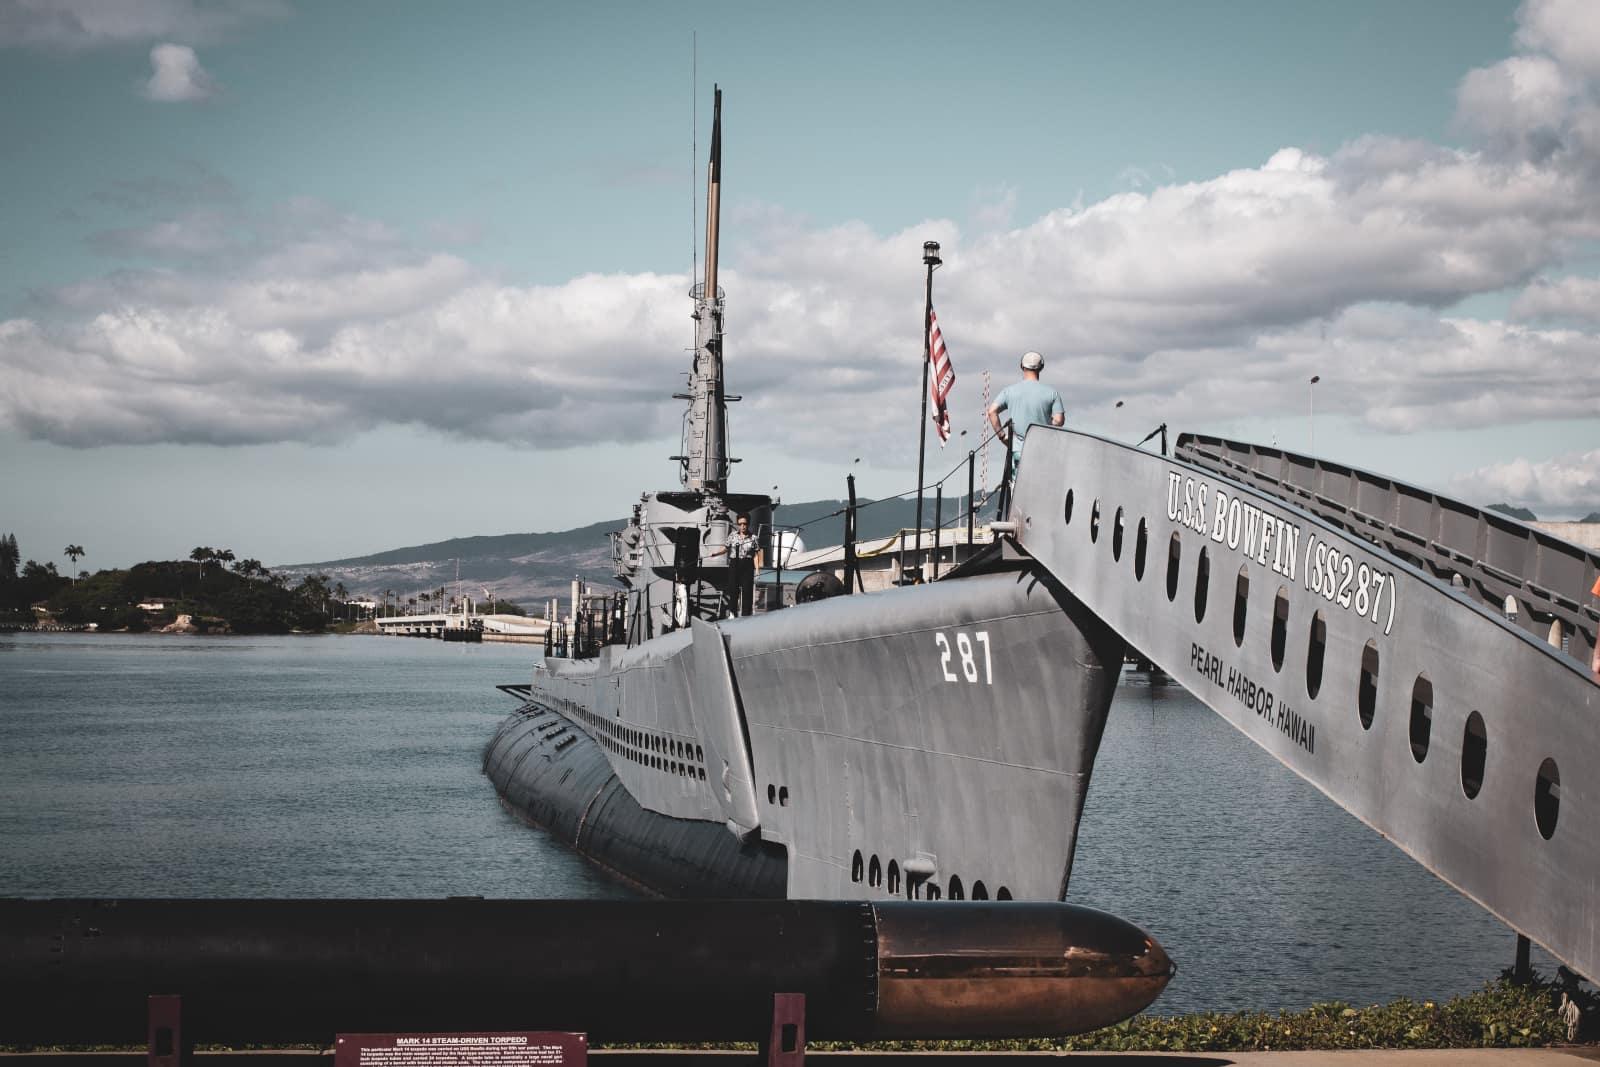 Oahu Pearl Harbor